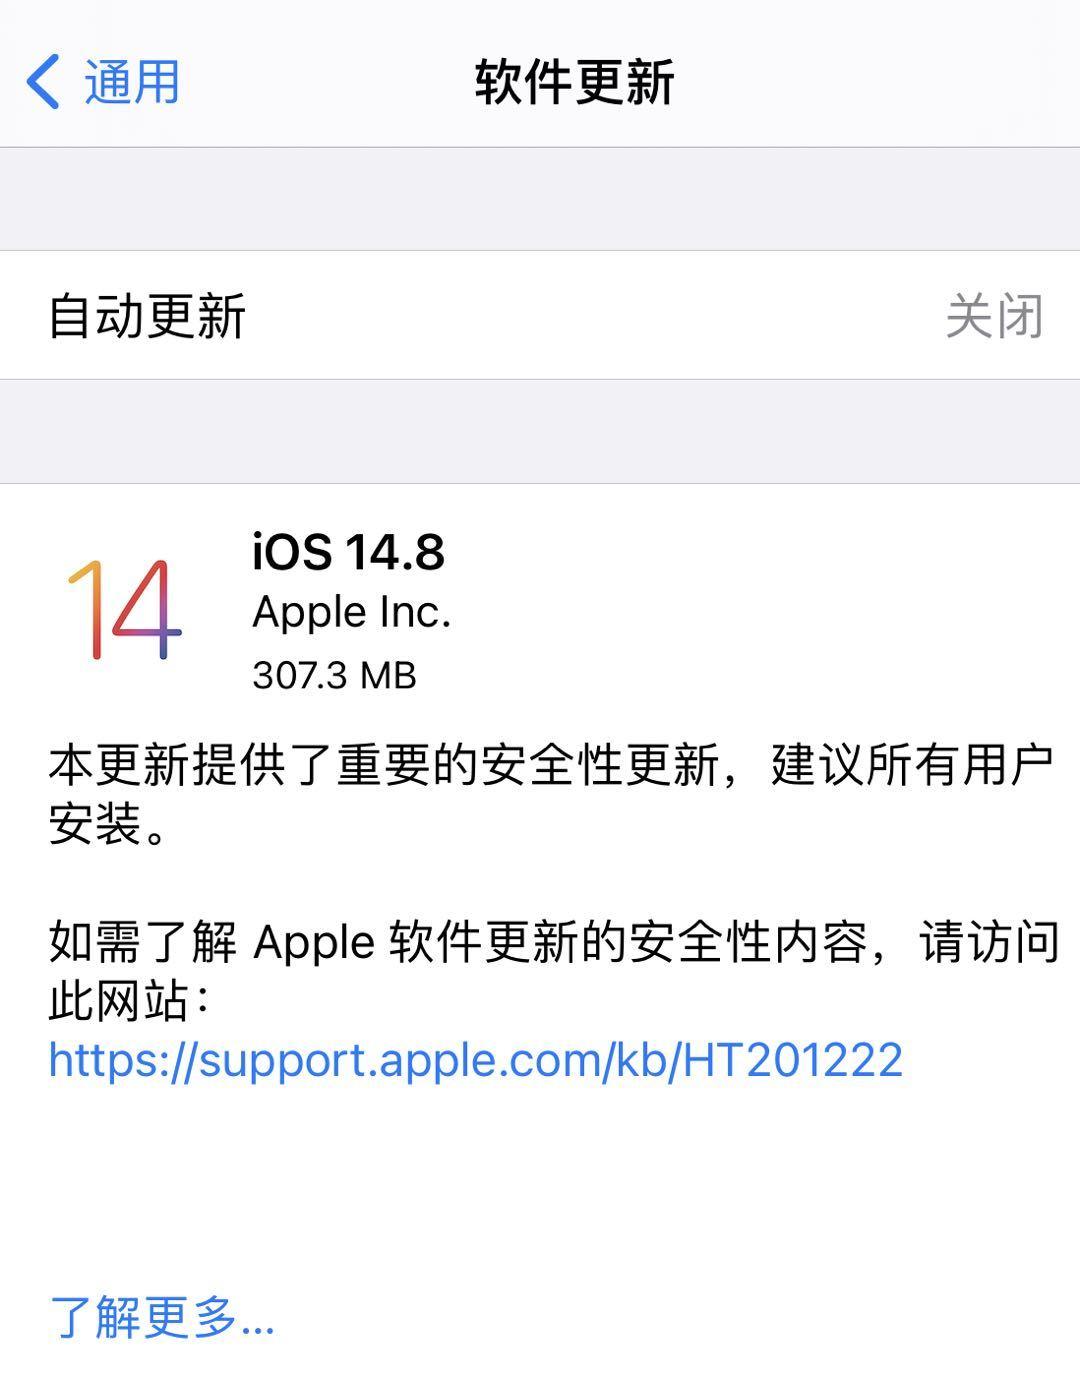 iOS 14.8修复安全漏洞